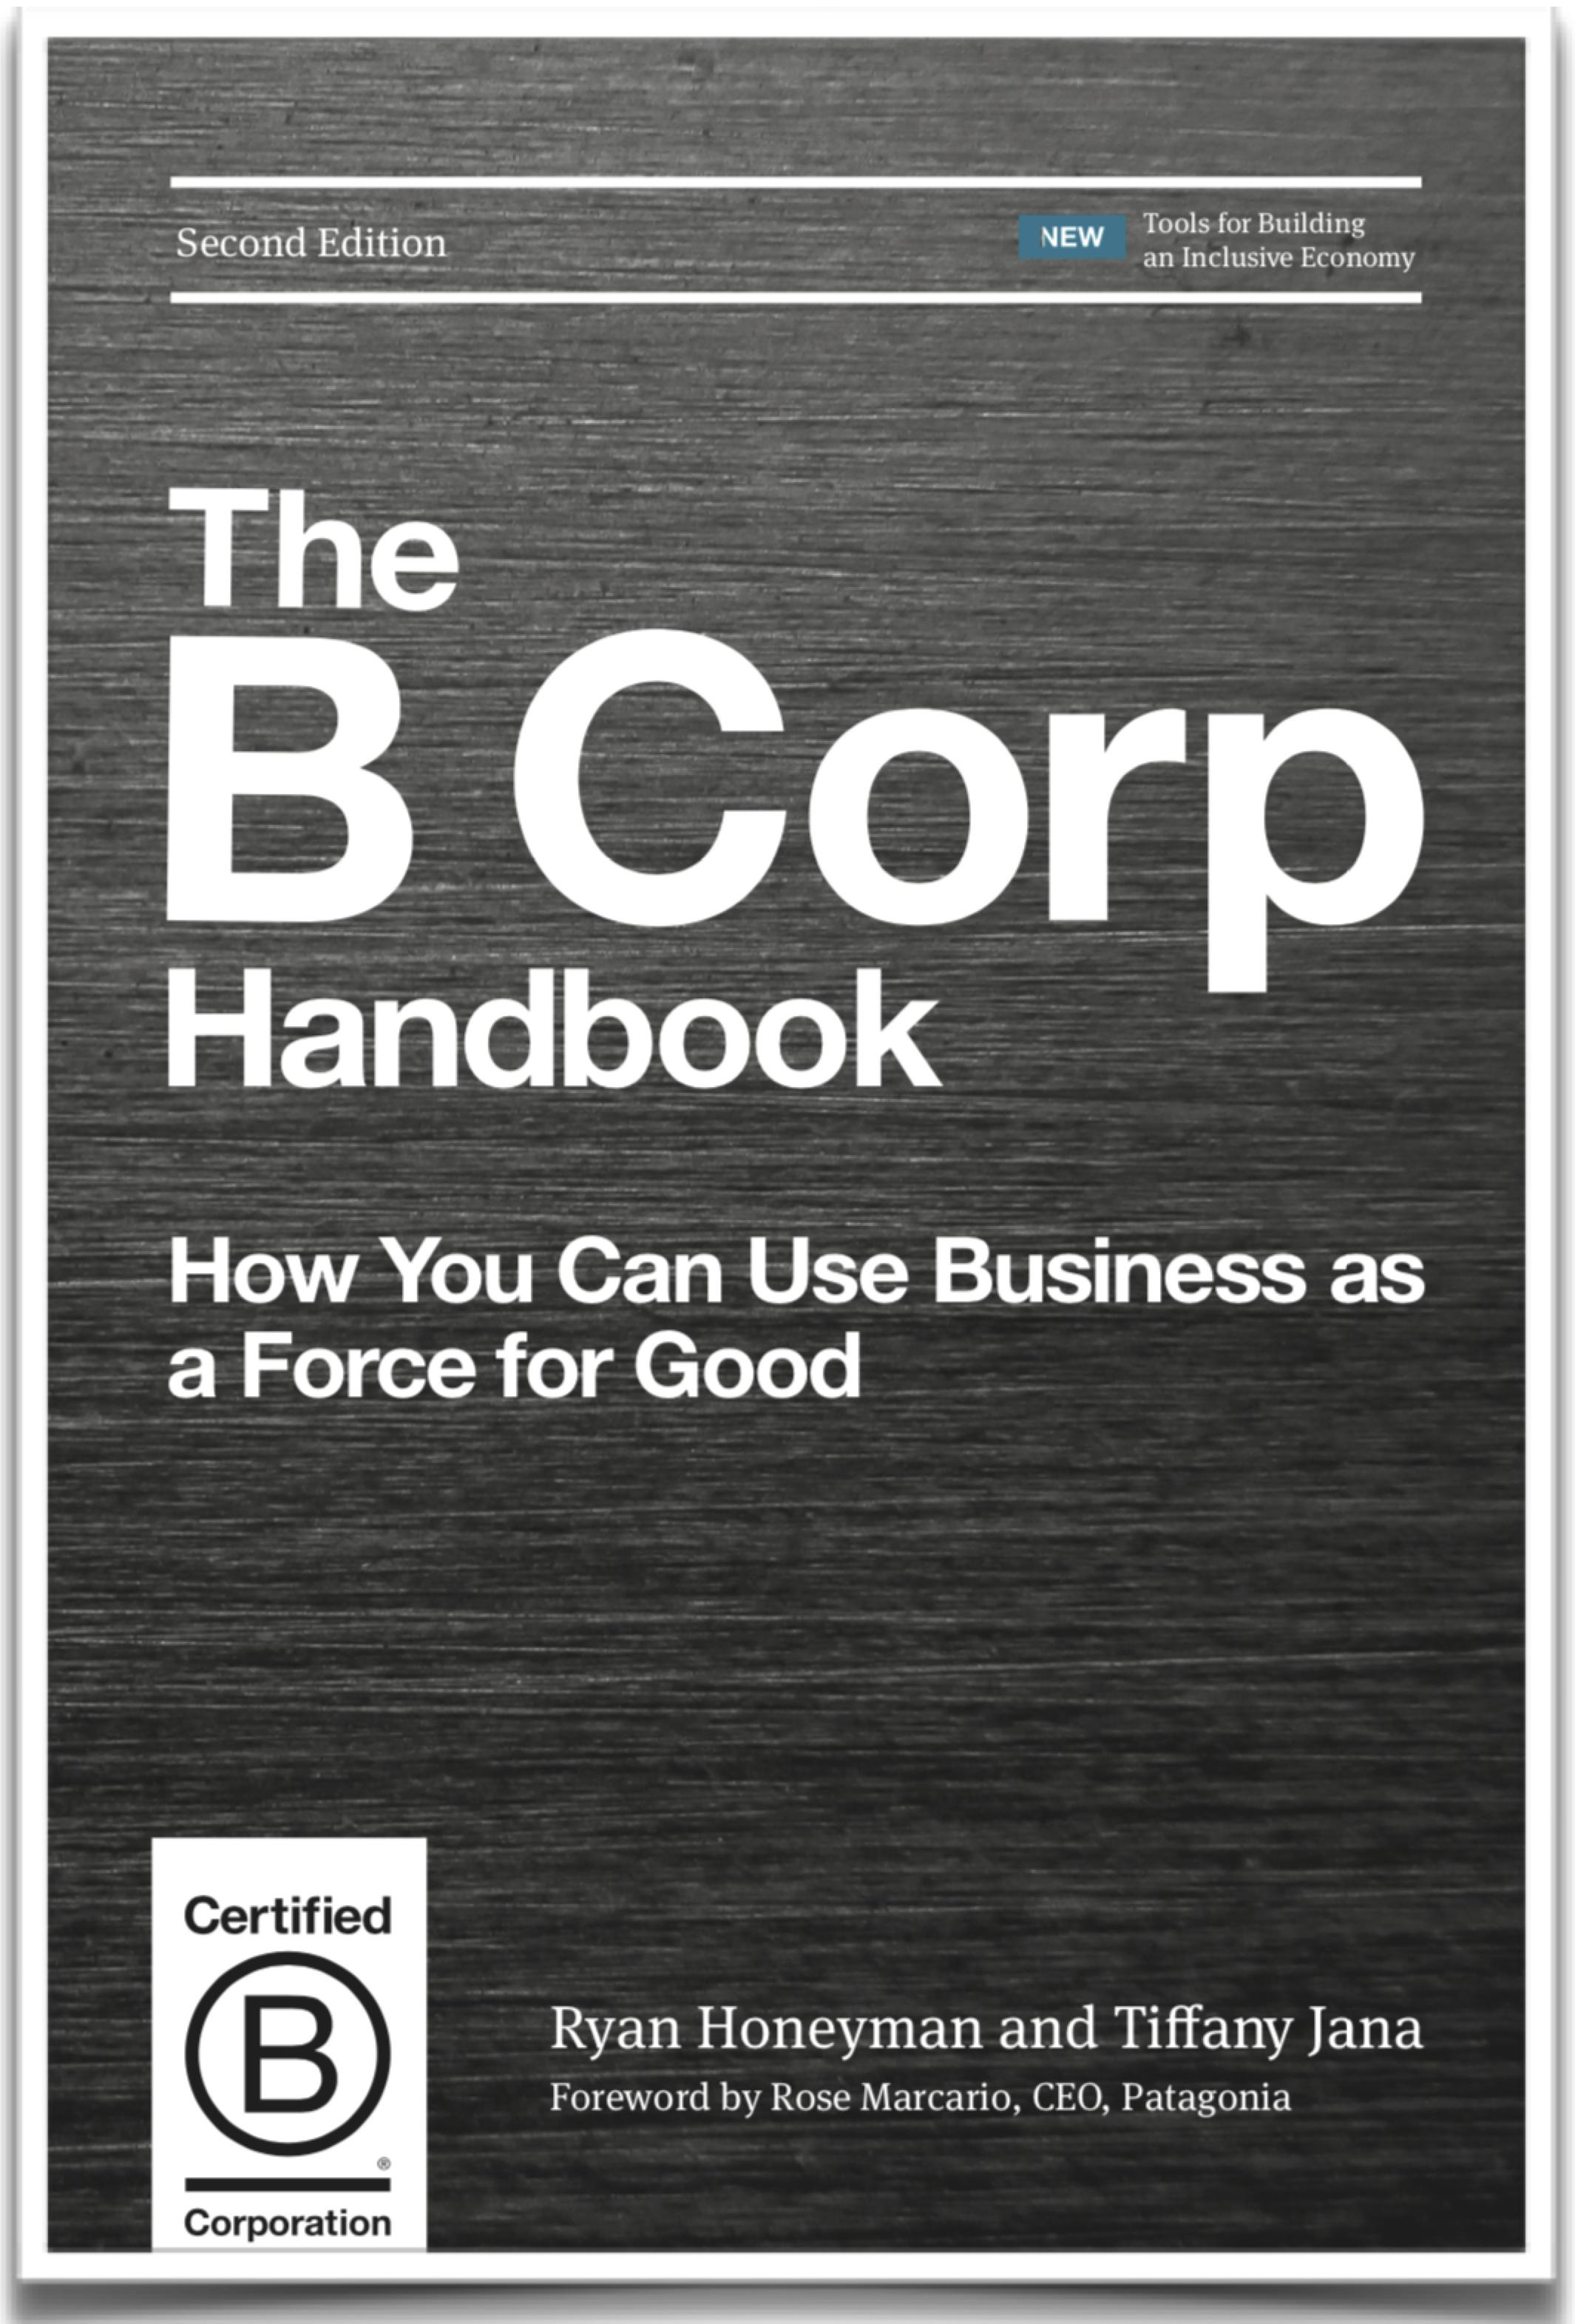 B Corp Handbook v2 - Border.jpg